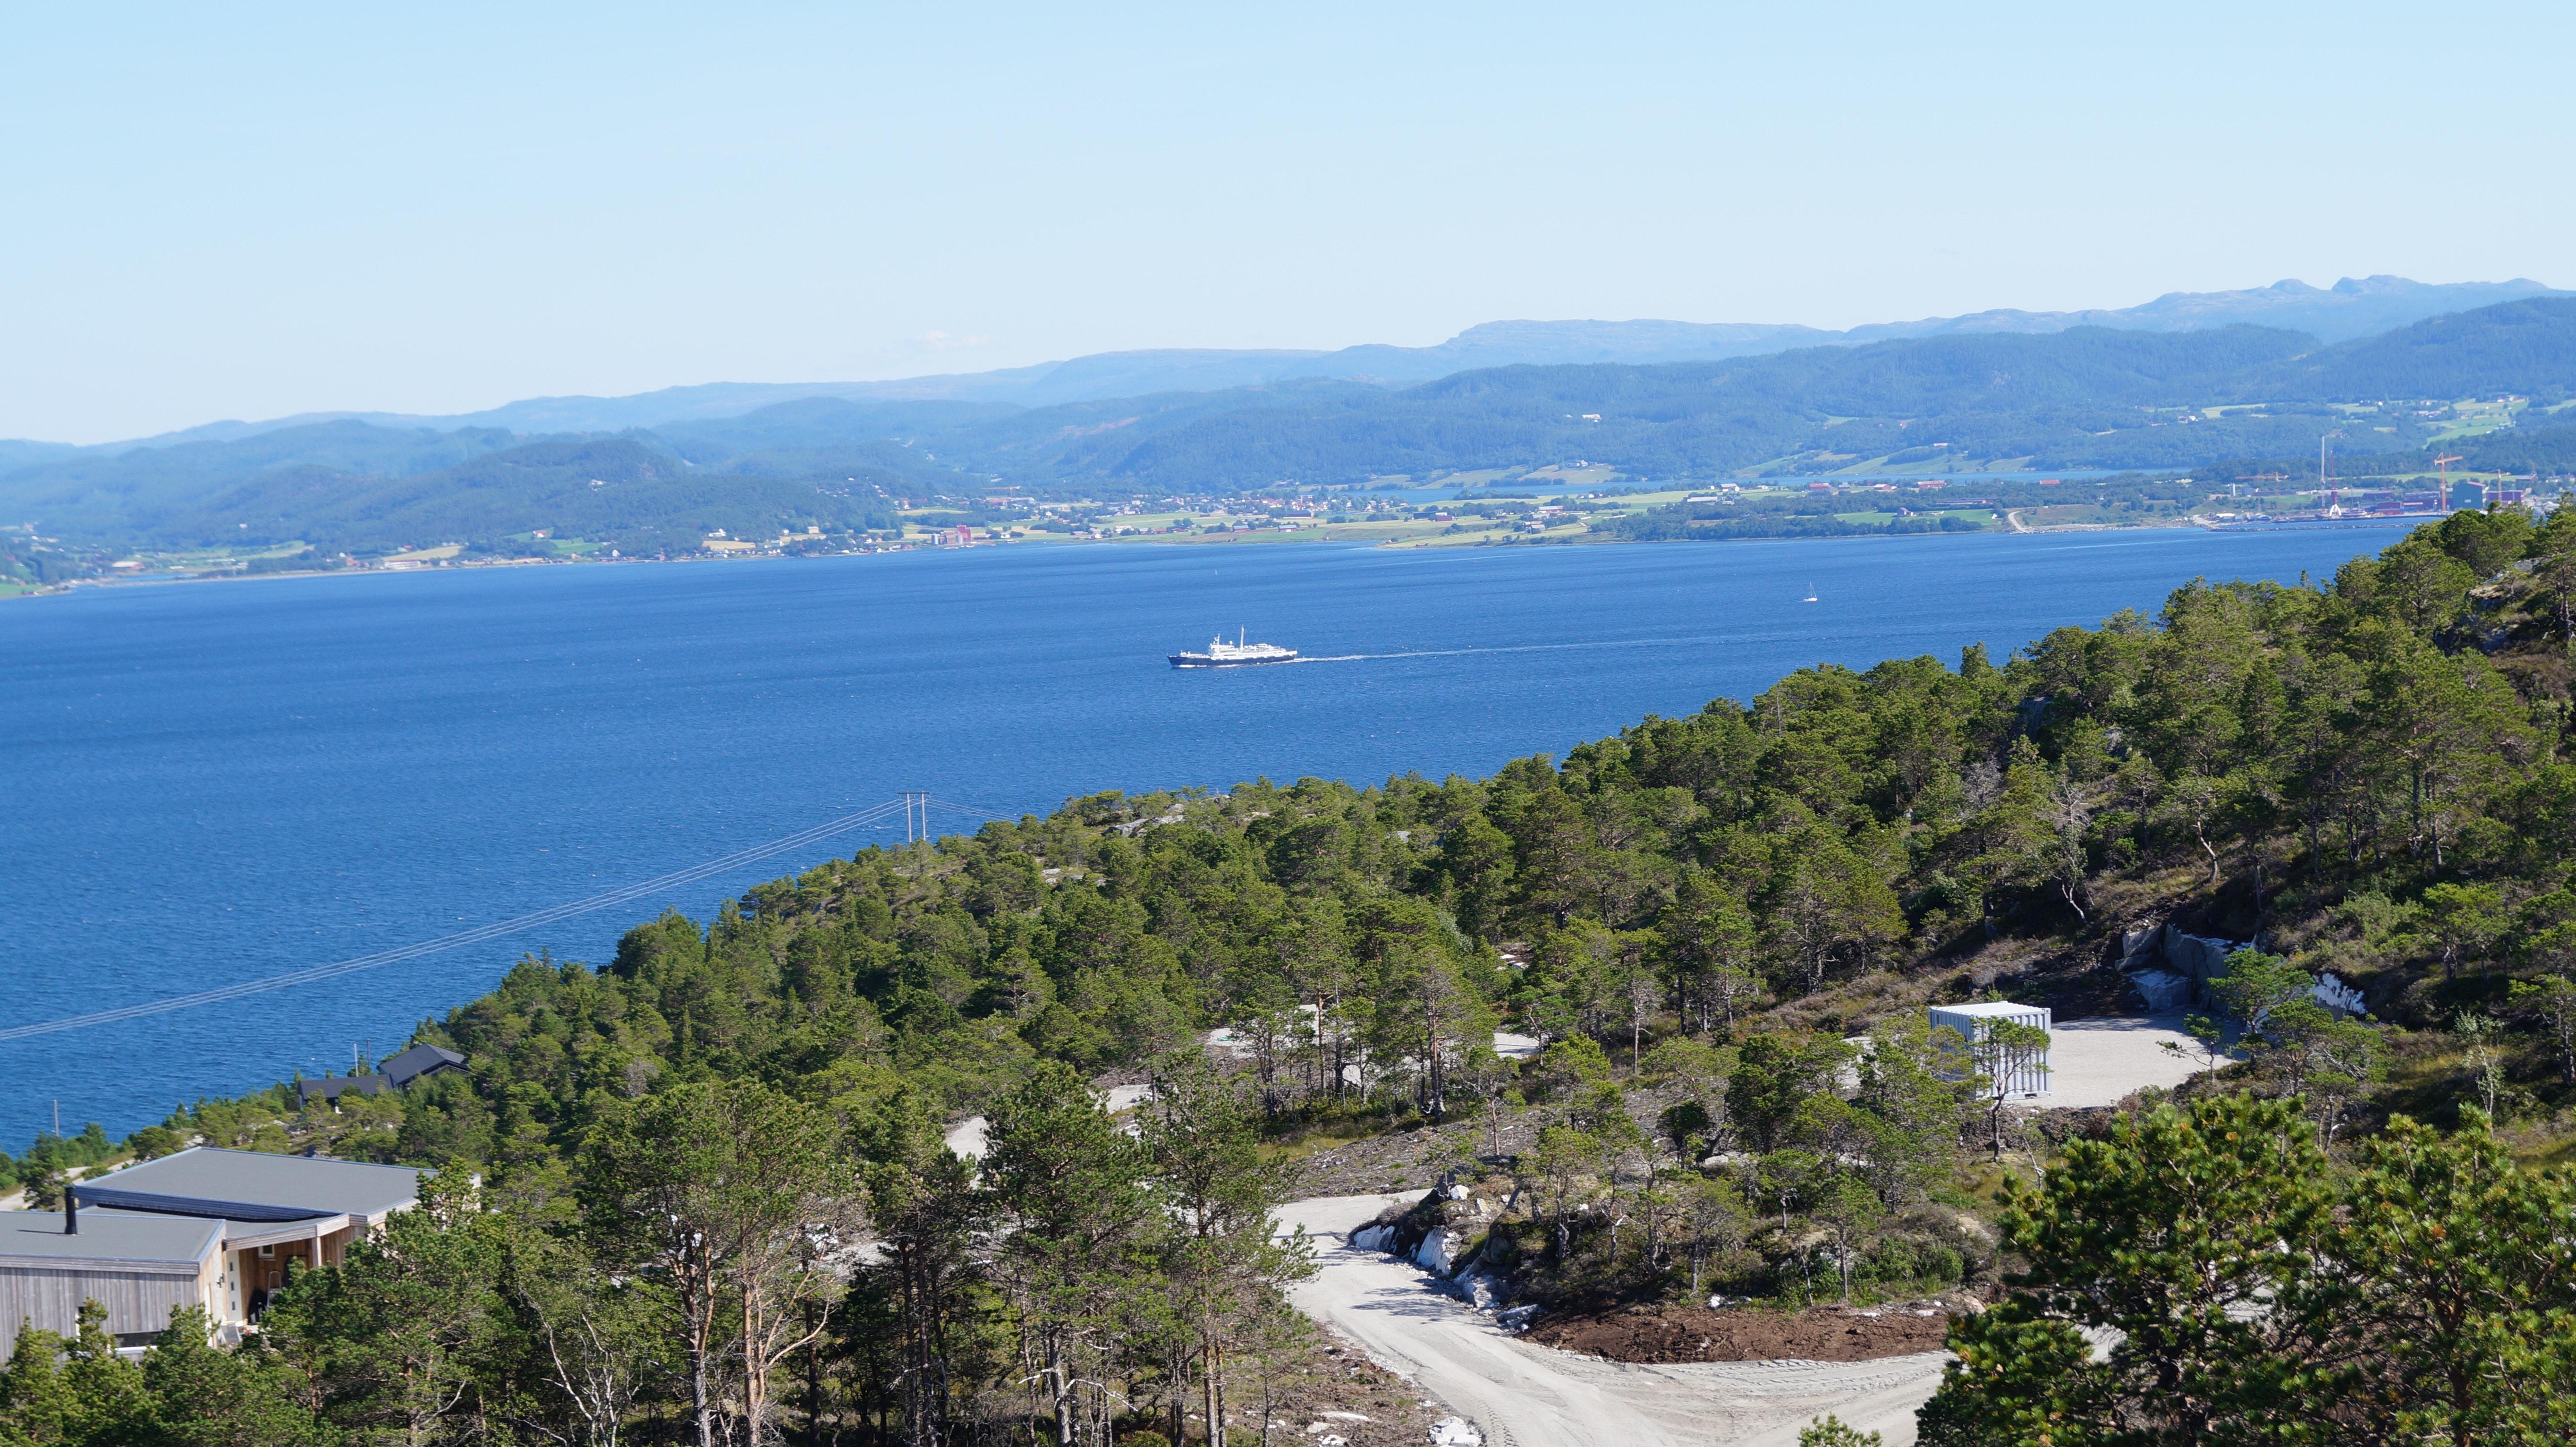 20% på tomtepris ut året! 22 Solrike utsiktstomter og mulighet for båtplass i ny marina kun 1 time fra Trondheim